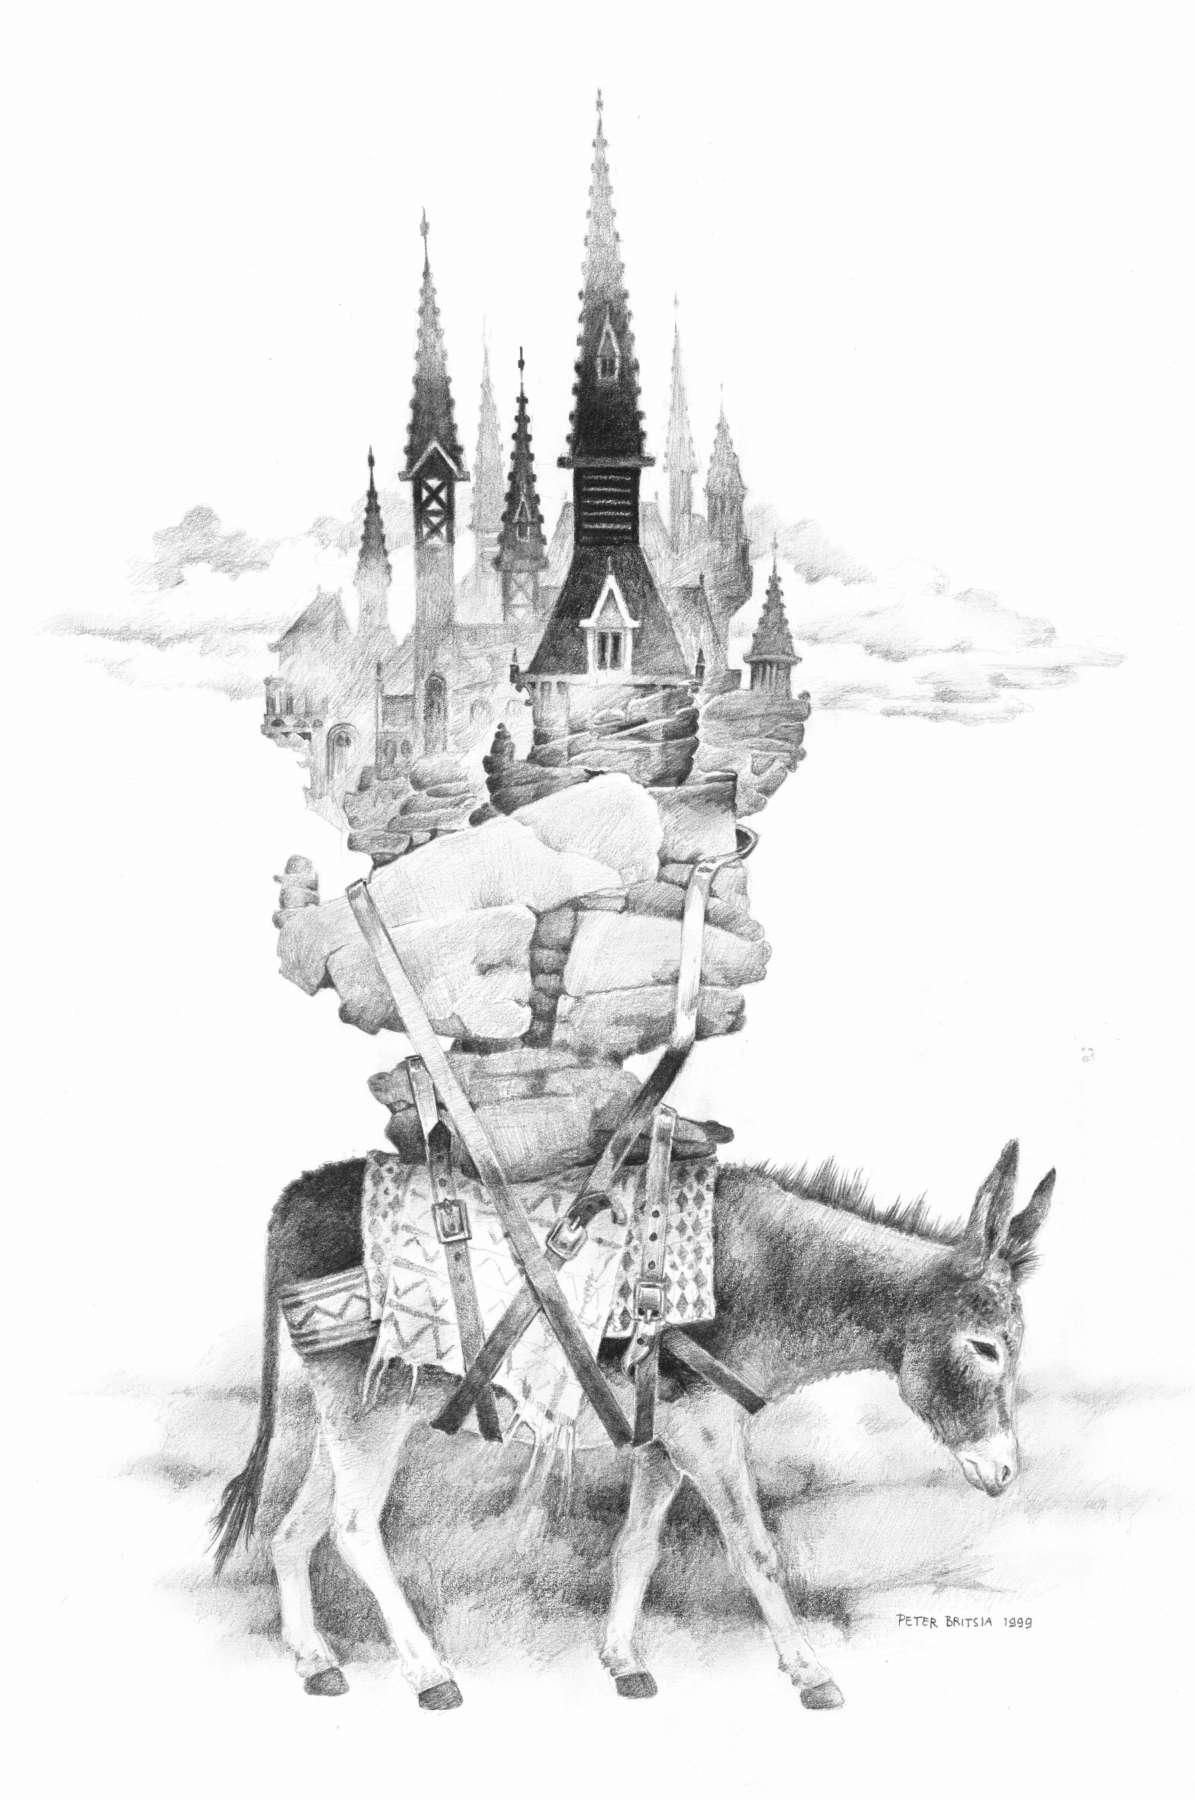 Lastdier - potloodtekening<br>Is de enorme last op de rug van het ezeltje een stapel stenen of een sprookjesachtige stad? Heeft het lastdier enig idee wat het op de rug draagt, of is het misschien zijn eigen fantasie?